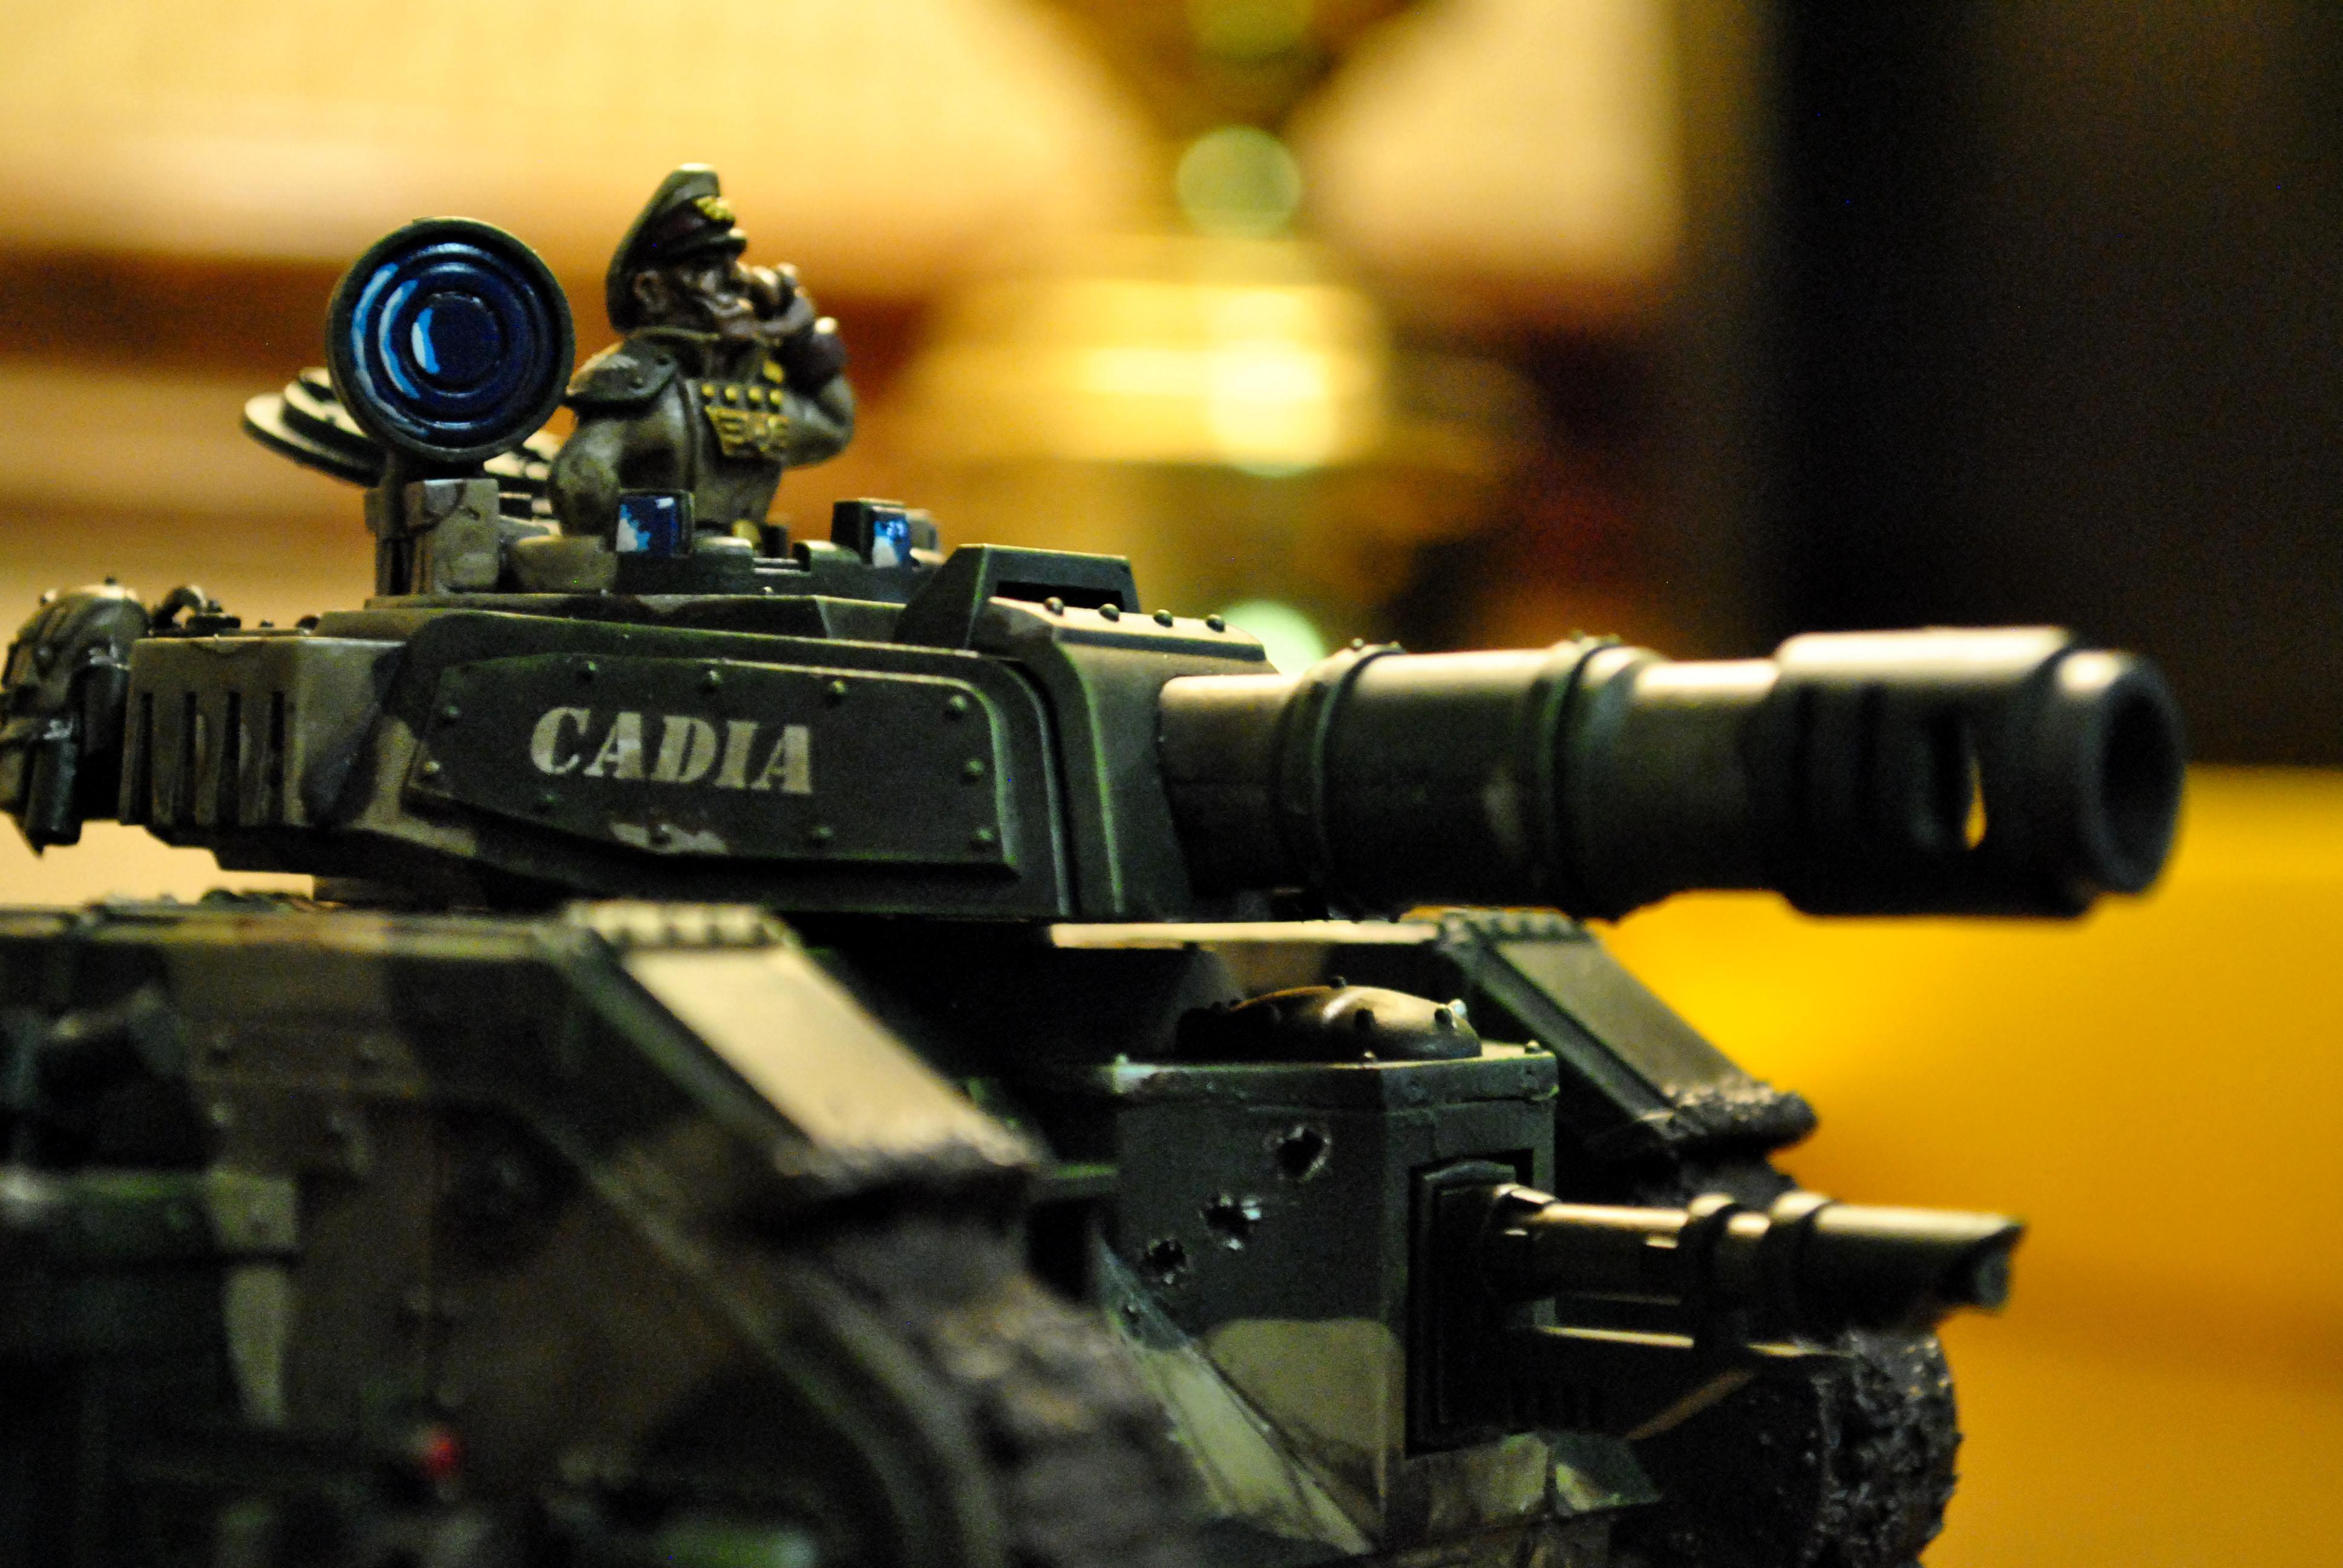 Imperial Guard, Leman Russ, Leman Russ Battle Tank, Warhammer 40,000